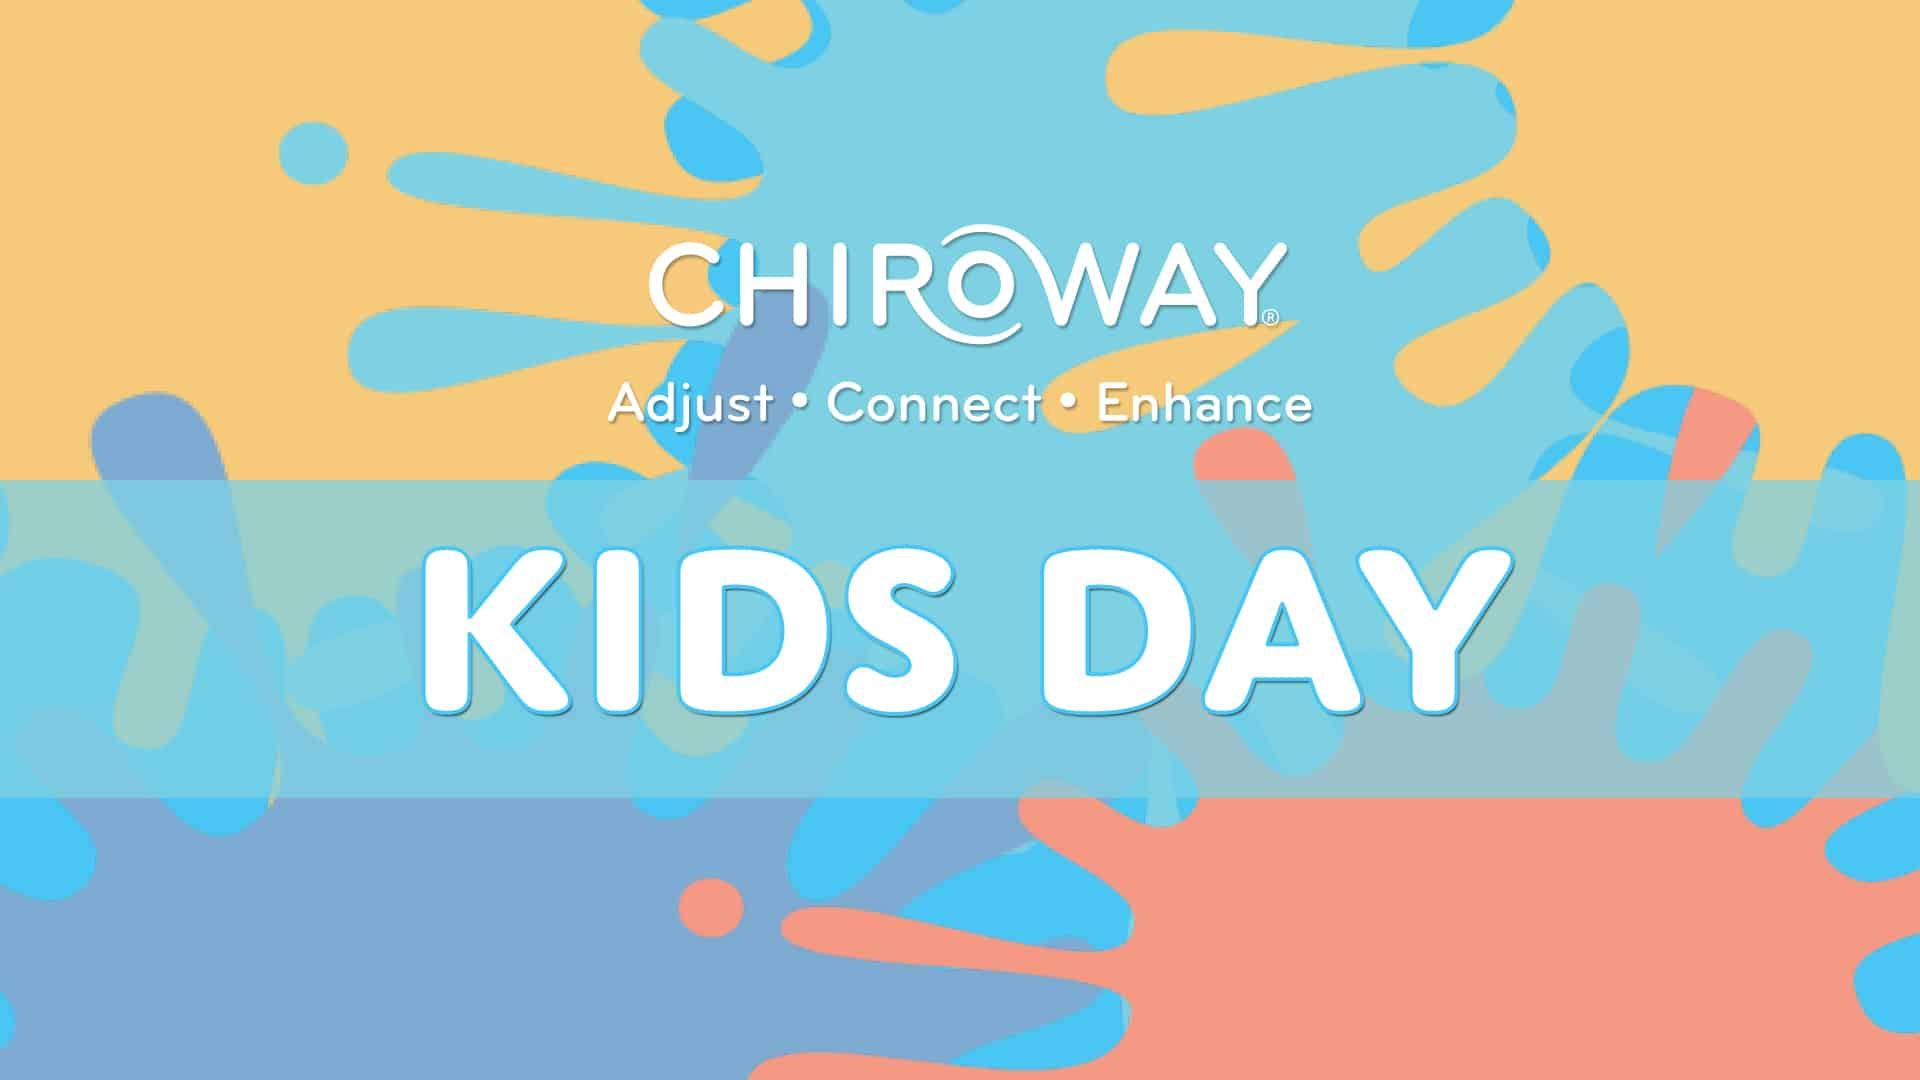 ChiroWay Kids Day, paint splatters